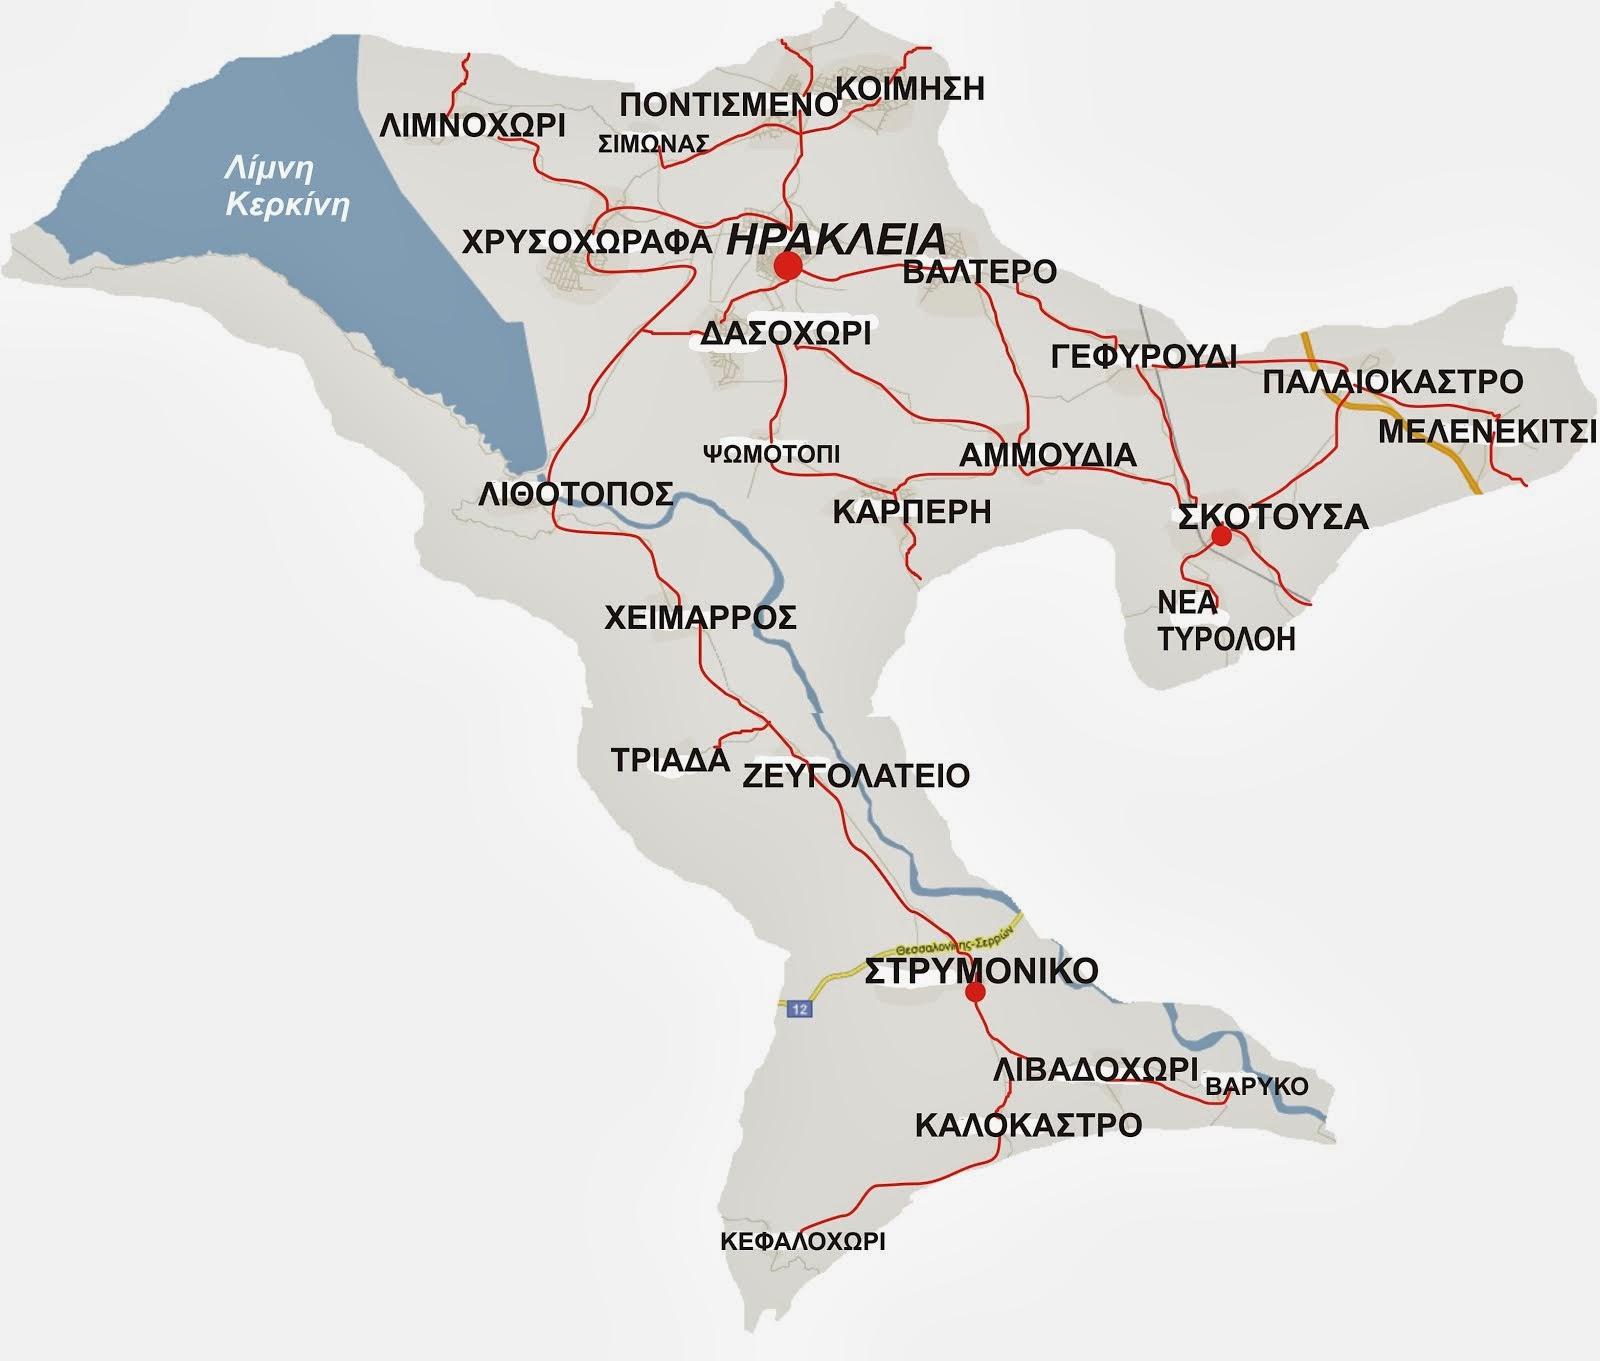 Χάρτης του Δήμου Ηράκλειας.